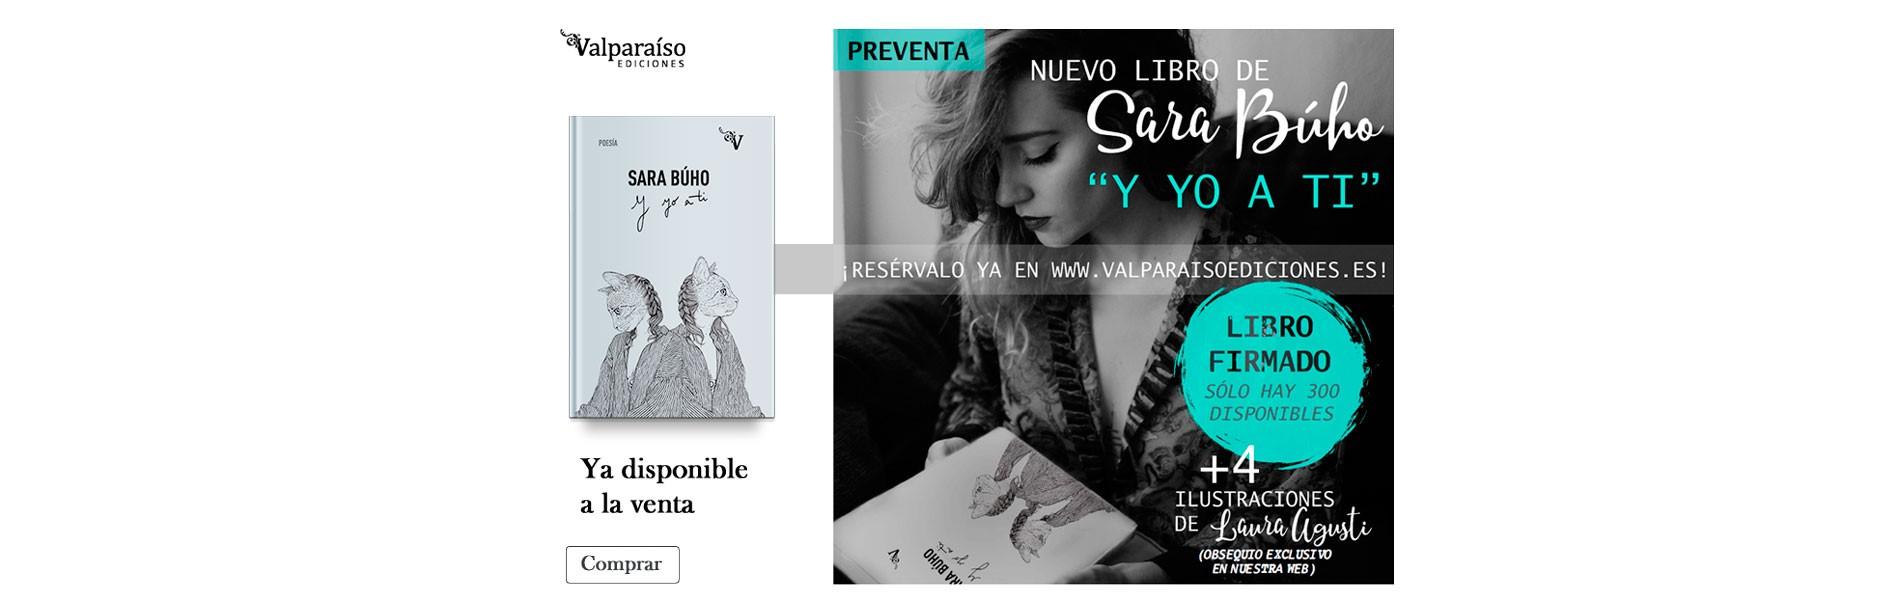 """Nuevo libro de Sara Búho """"Y yo a ti"""", resérvalo ya, libro firmado, sólo hay 300 disponibles"""